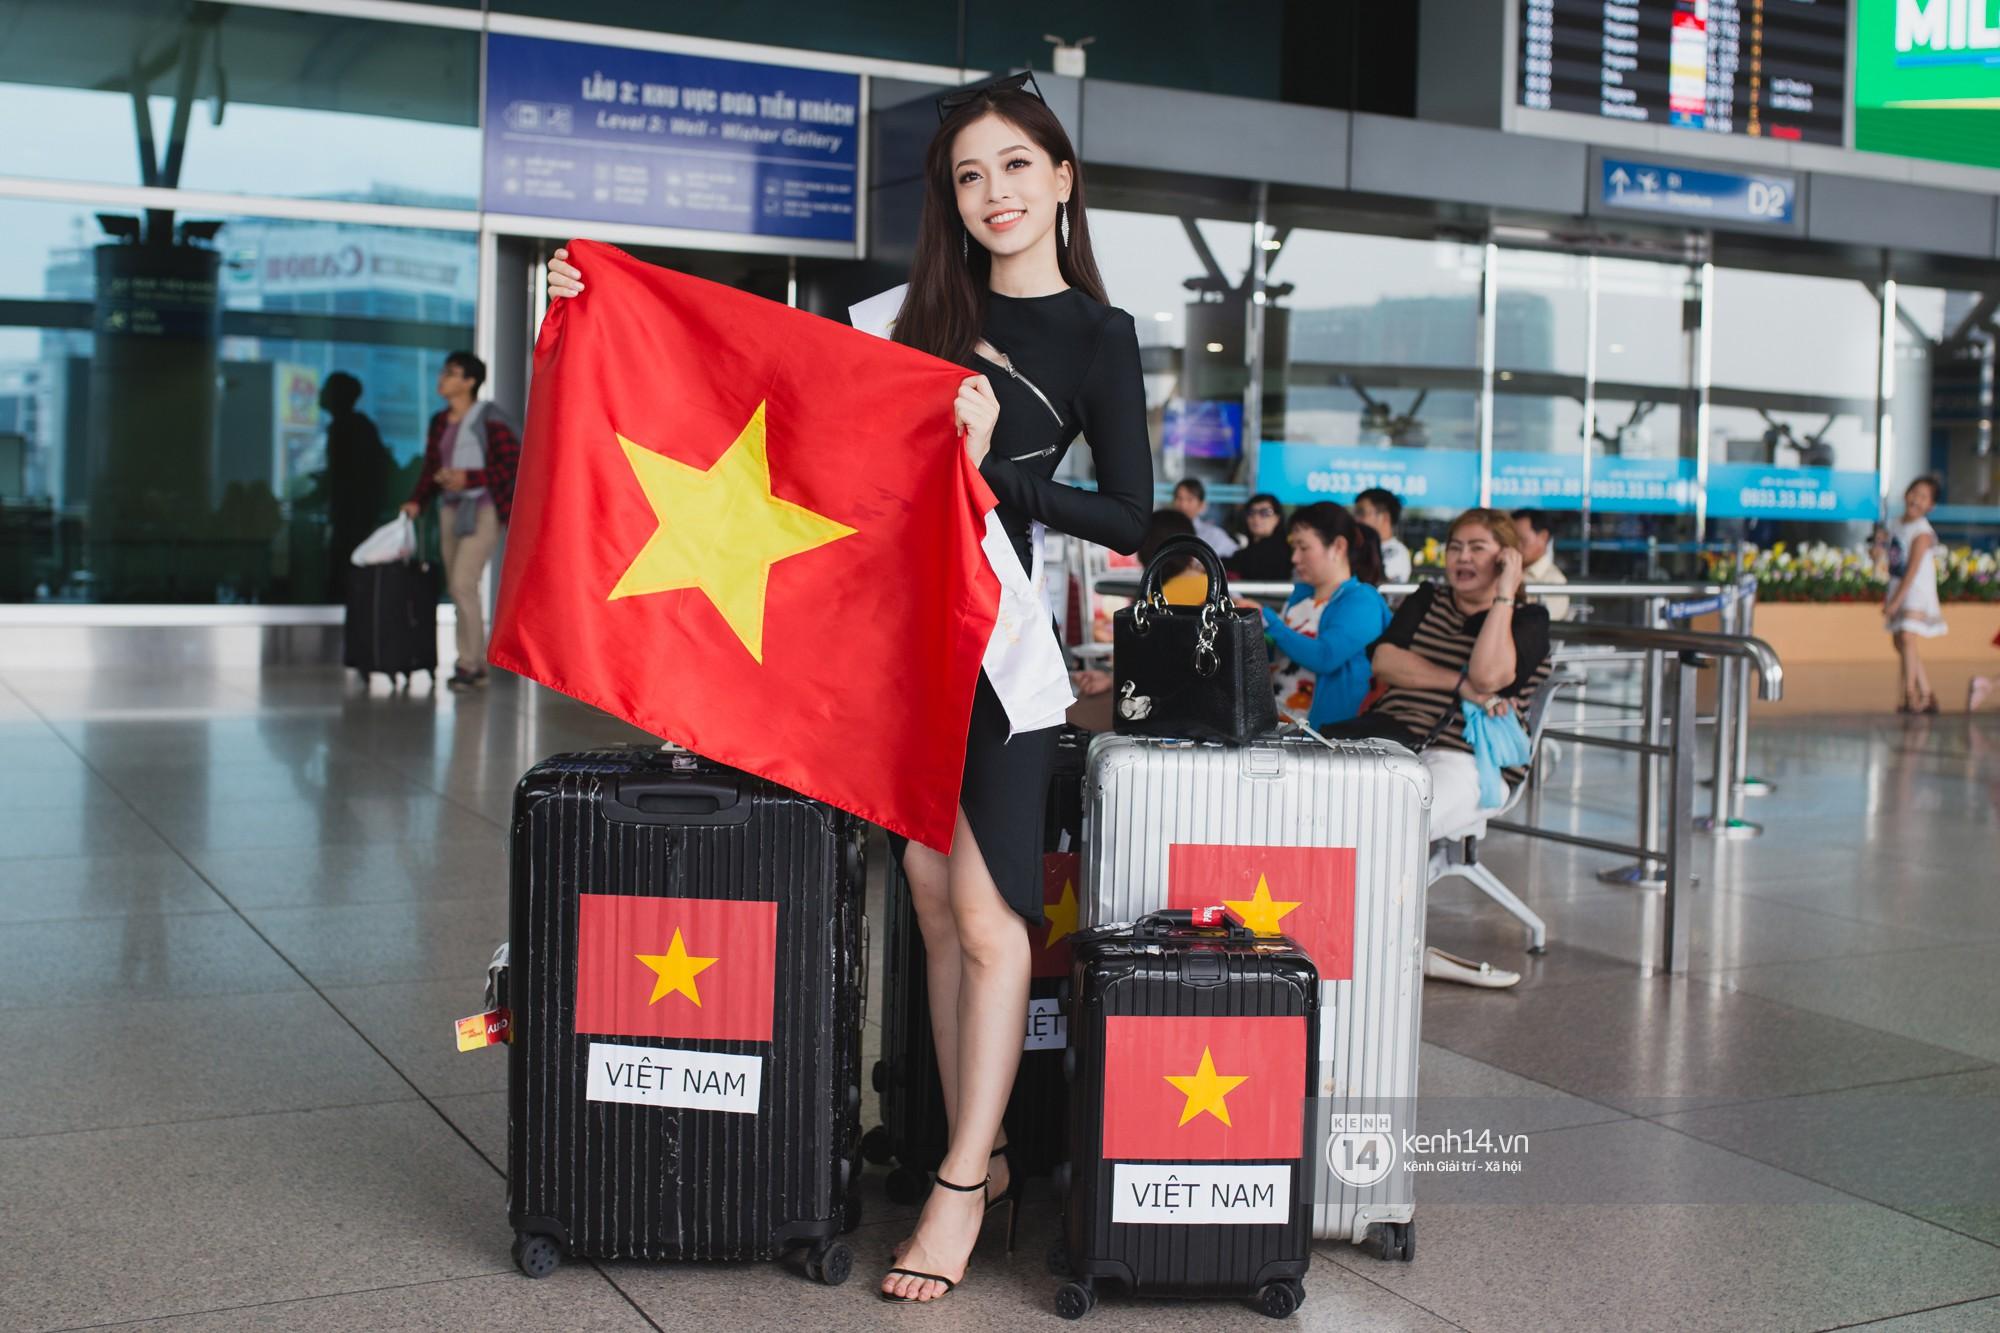 Trần Tiểu Vy ở lại sân bay tiễn Bùi Phương Nga đi thi Hoa hậu quốc tế - Ảnh 2.